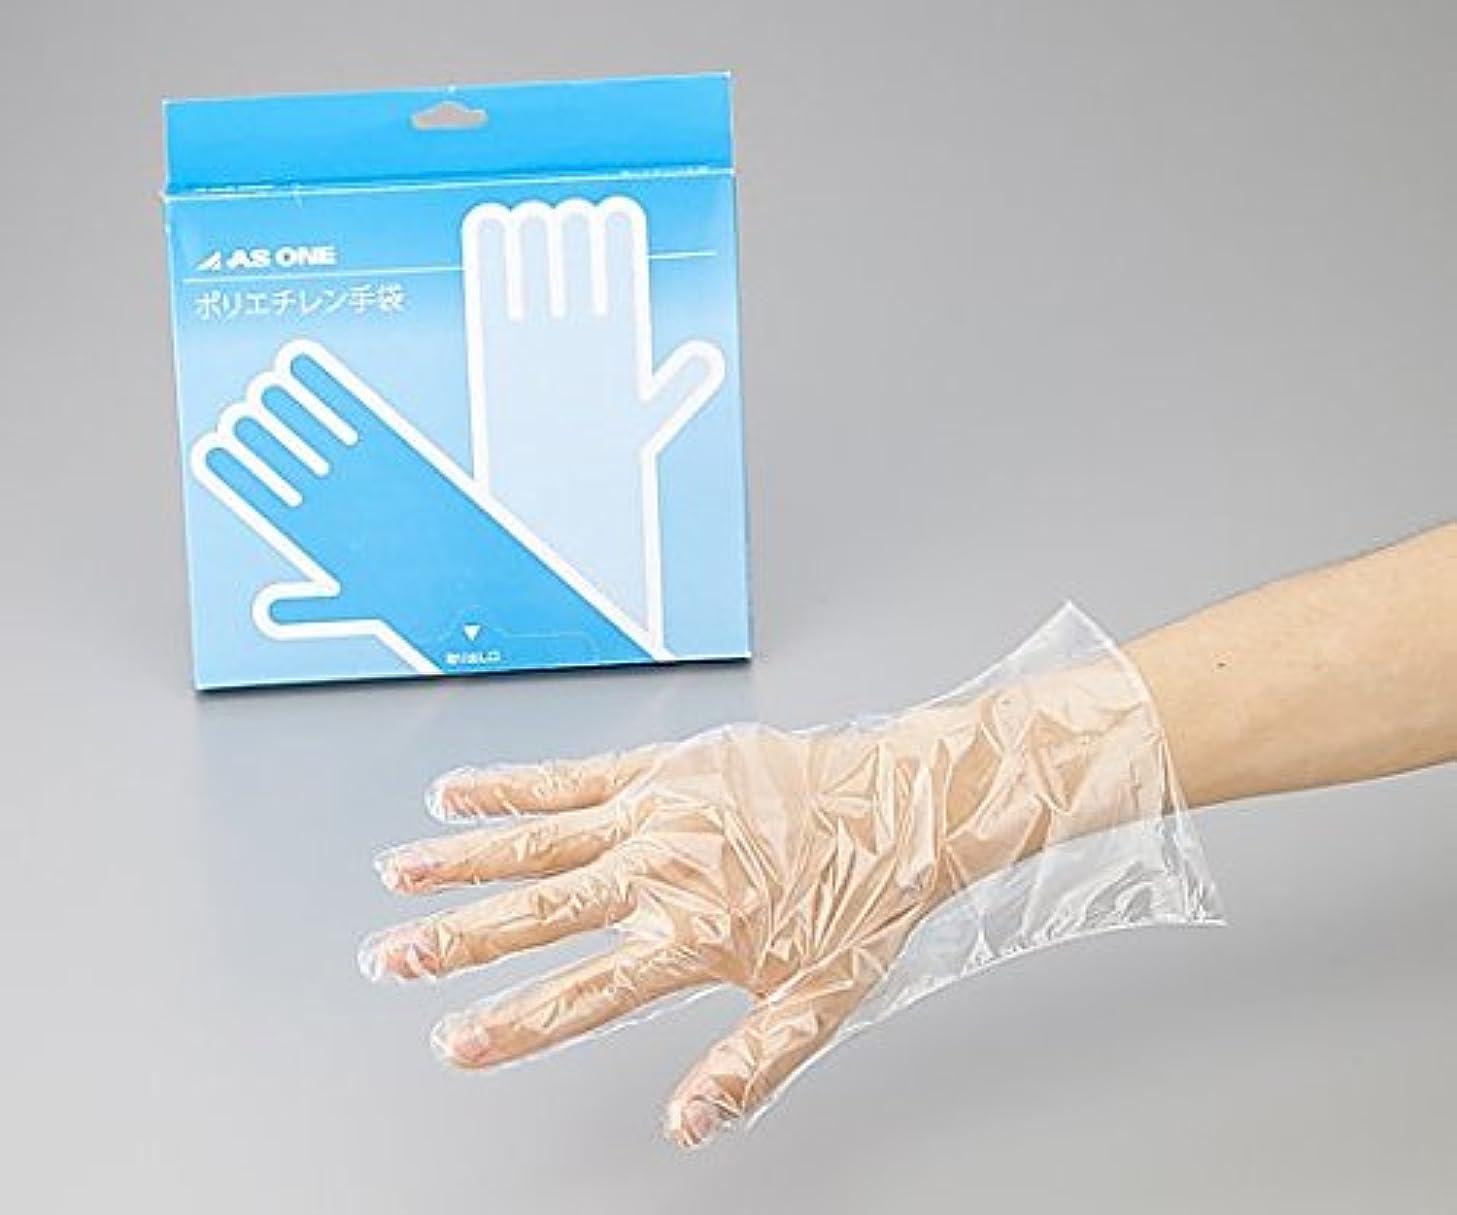 はがき切手可動式アズワン2-4973-03ポリエチレン手袋スタンダード標準厚S100枚入